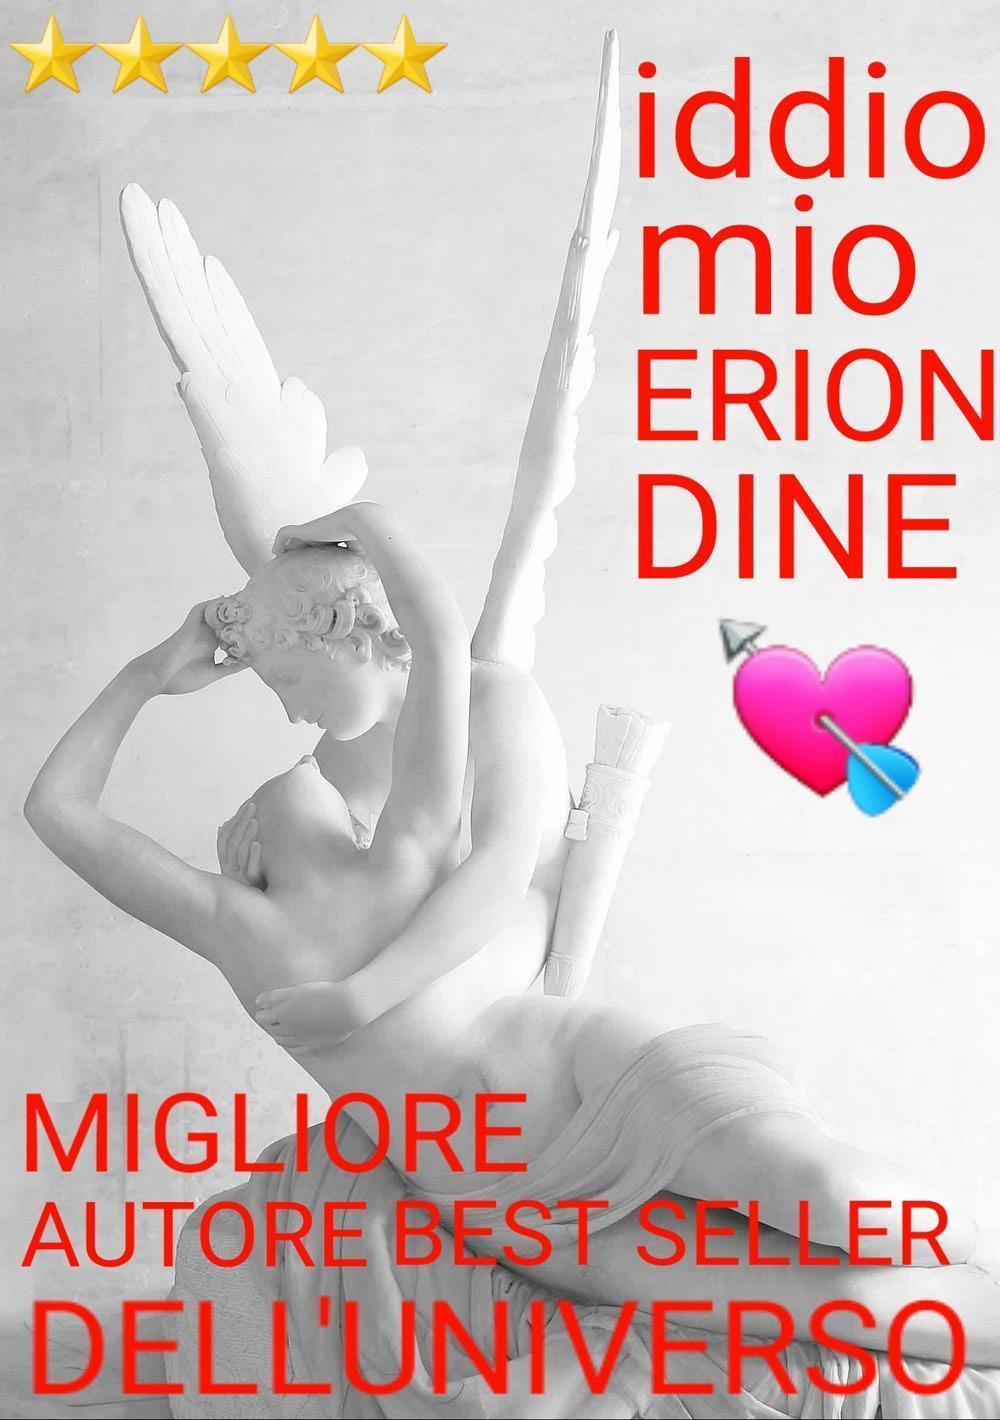 iddio MIO ERION DINE